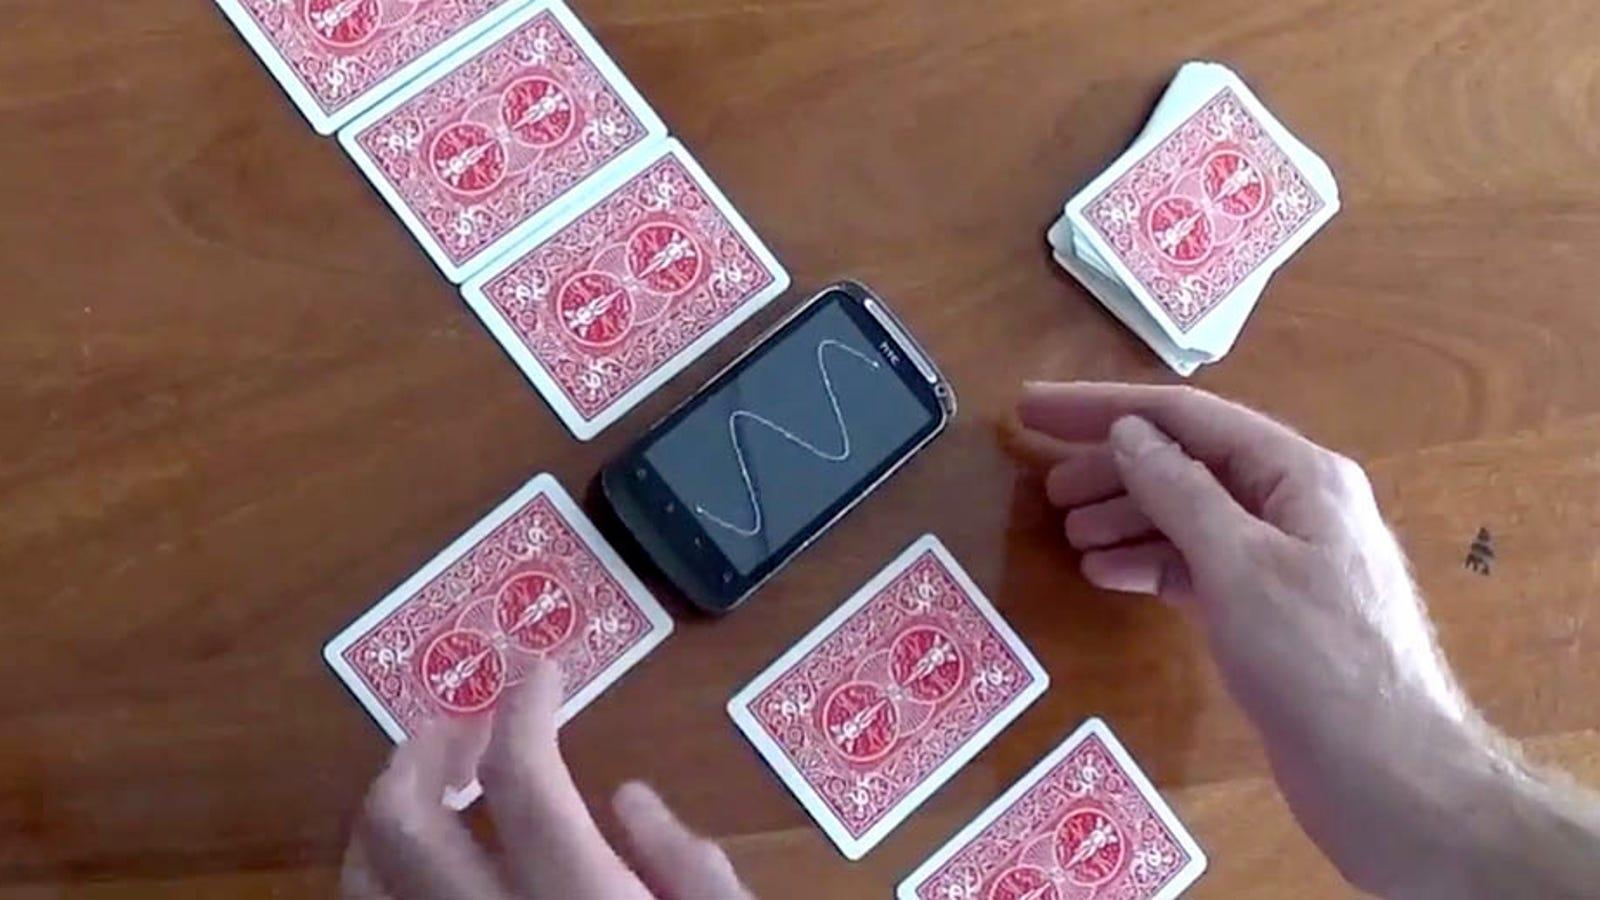 Este software inteligente es capaz de inventar trucos de magia